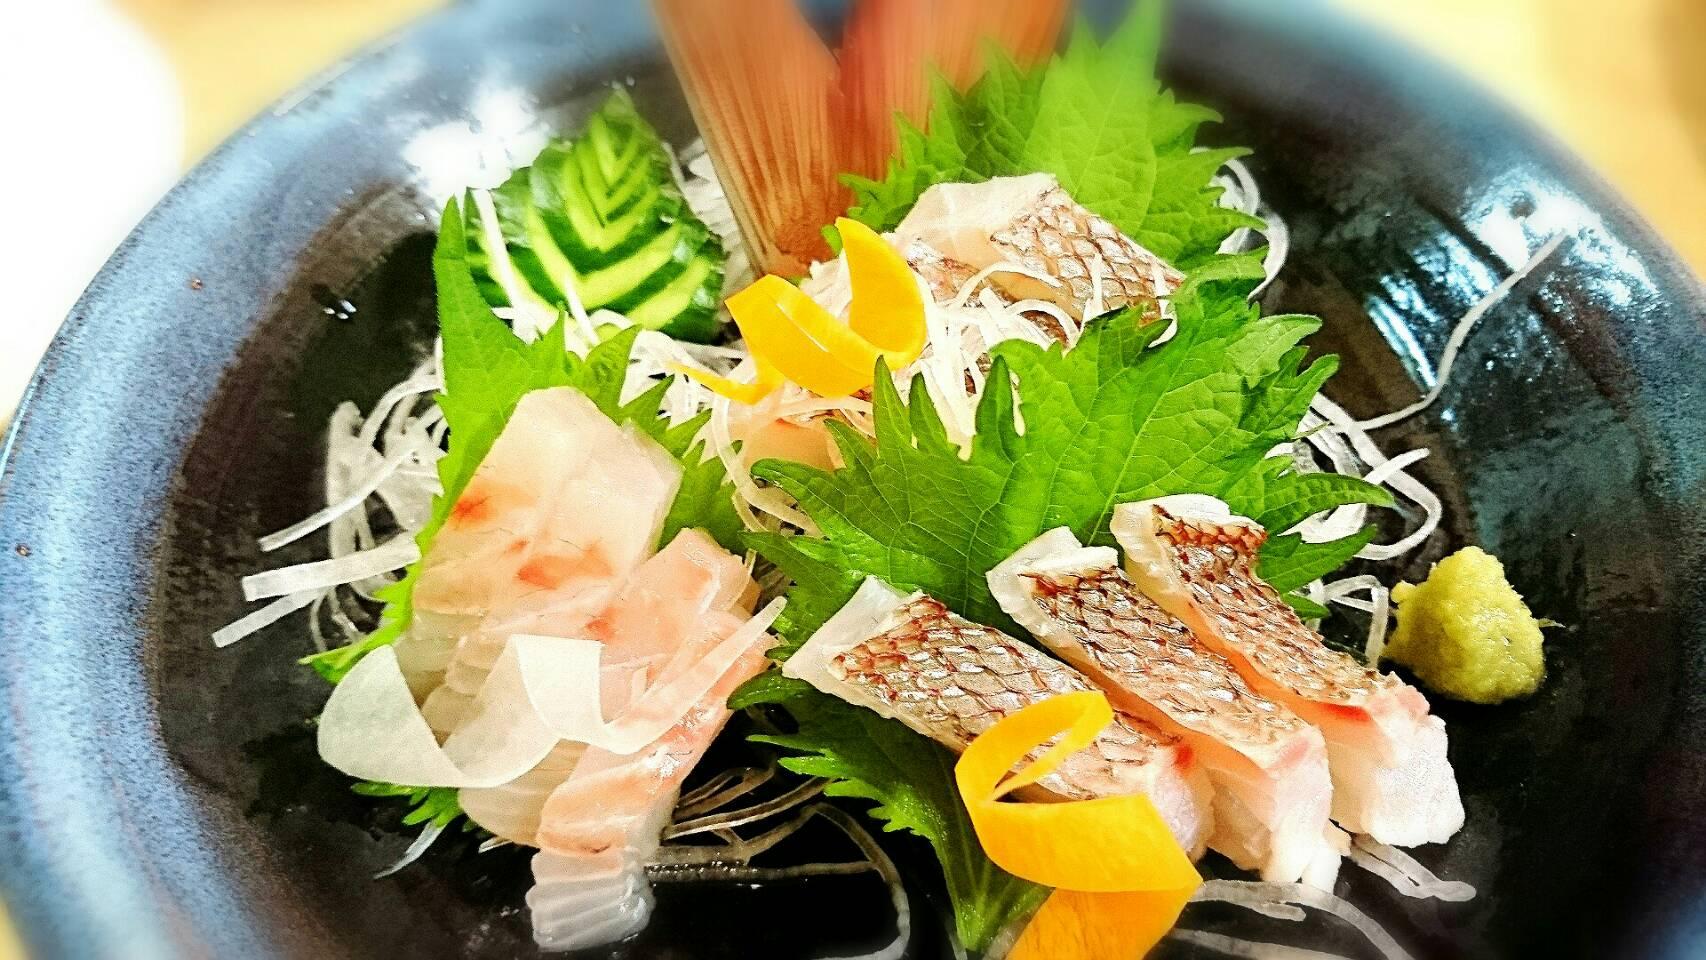 【ご当地グルメ】天然真鯛の3枚おろし 宇和島風鯛めし